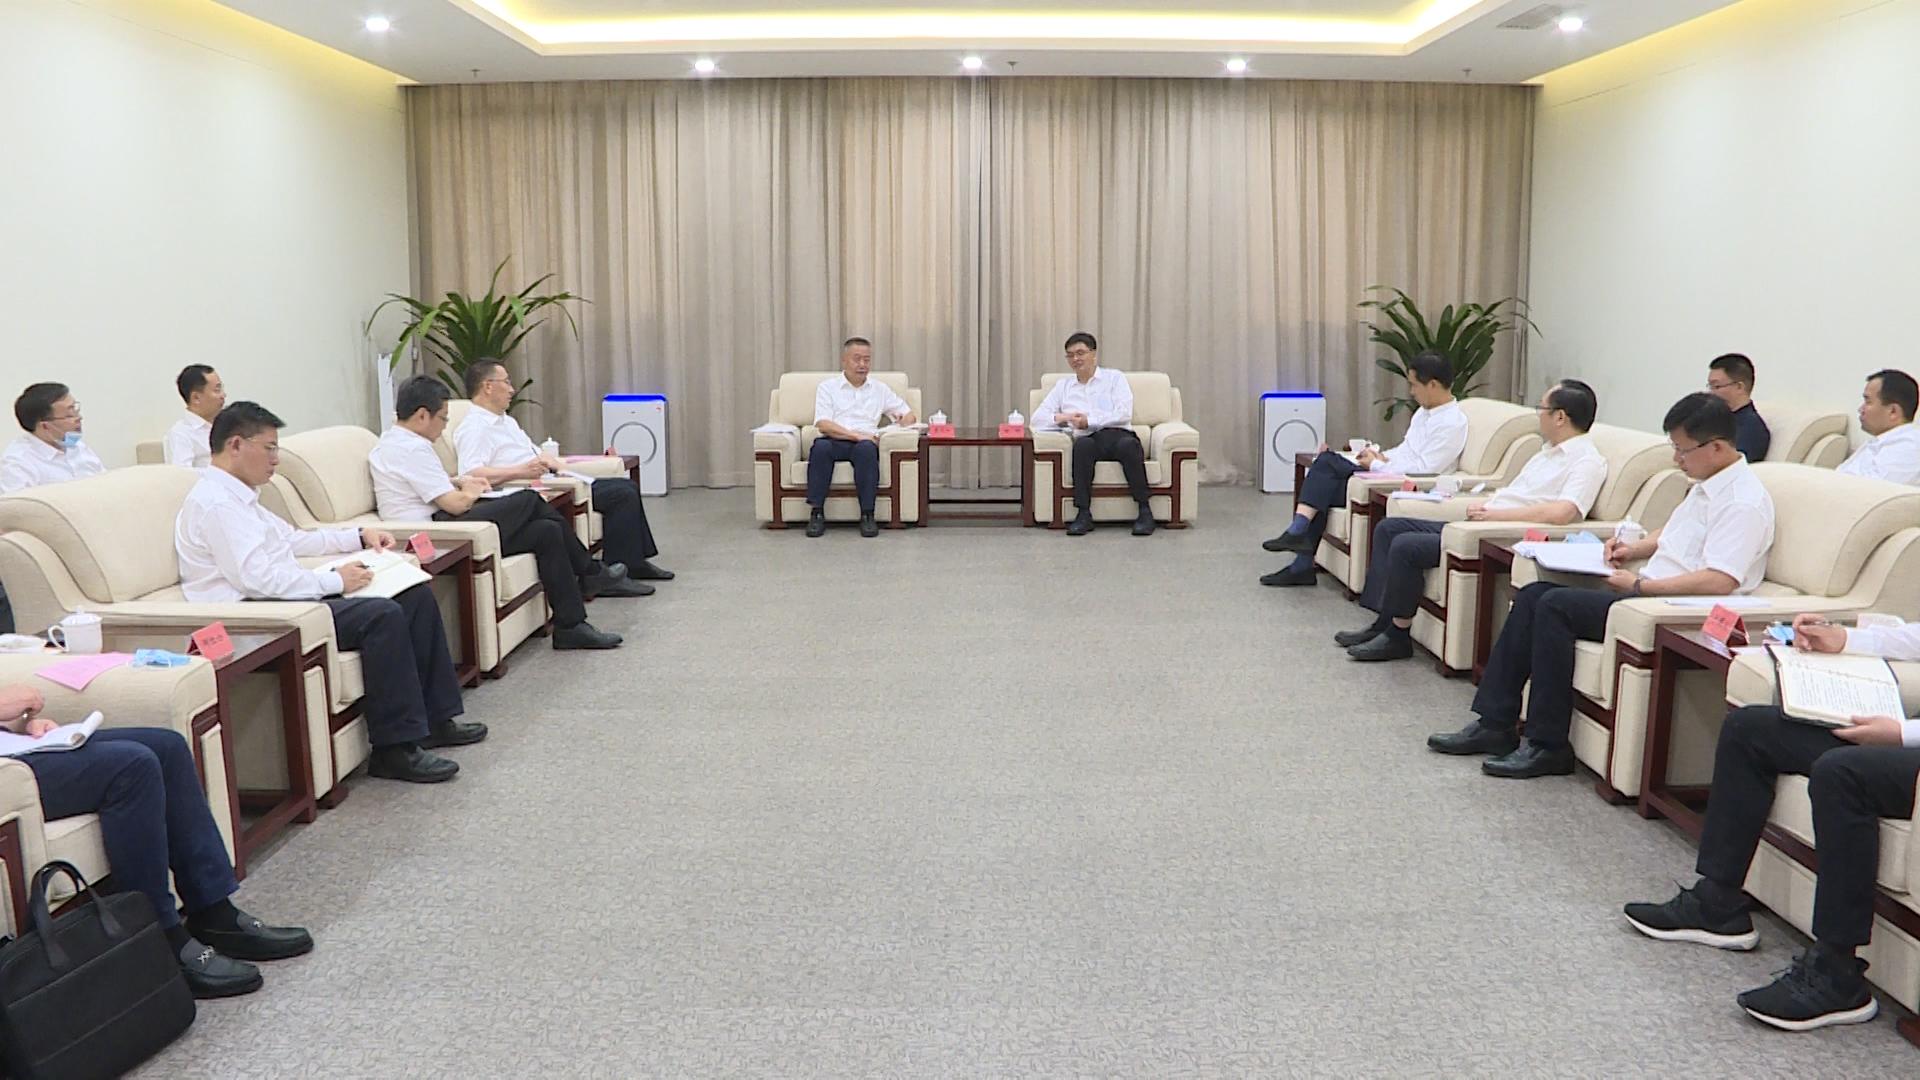 中国长江三峡集团董事长雷鸣山一行到雄安新区考察